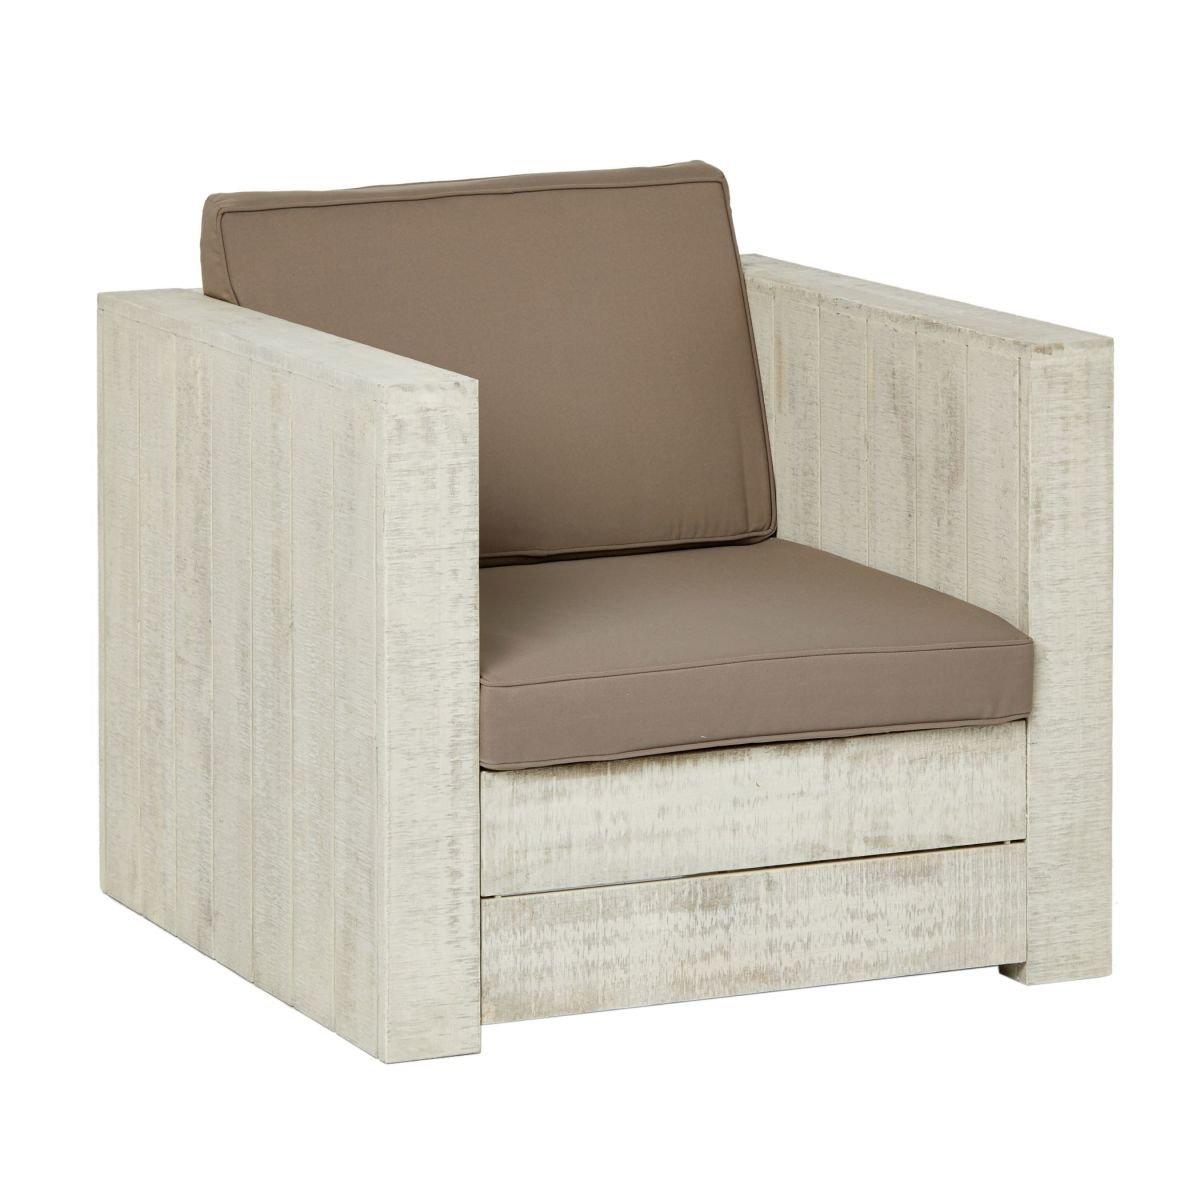 miaVILLA Sessel - Beach - gemütlicher moderner Sessel für den Garten - Sitz- und Rückenkissen - ohne Zierkissen - ca. B80 x T80 x H74 cm